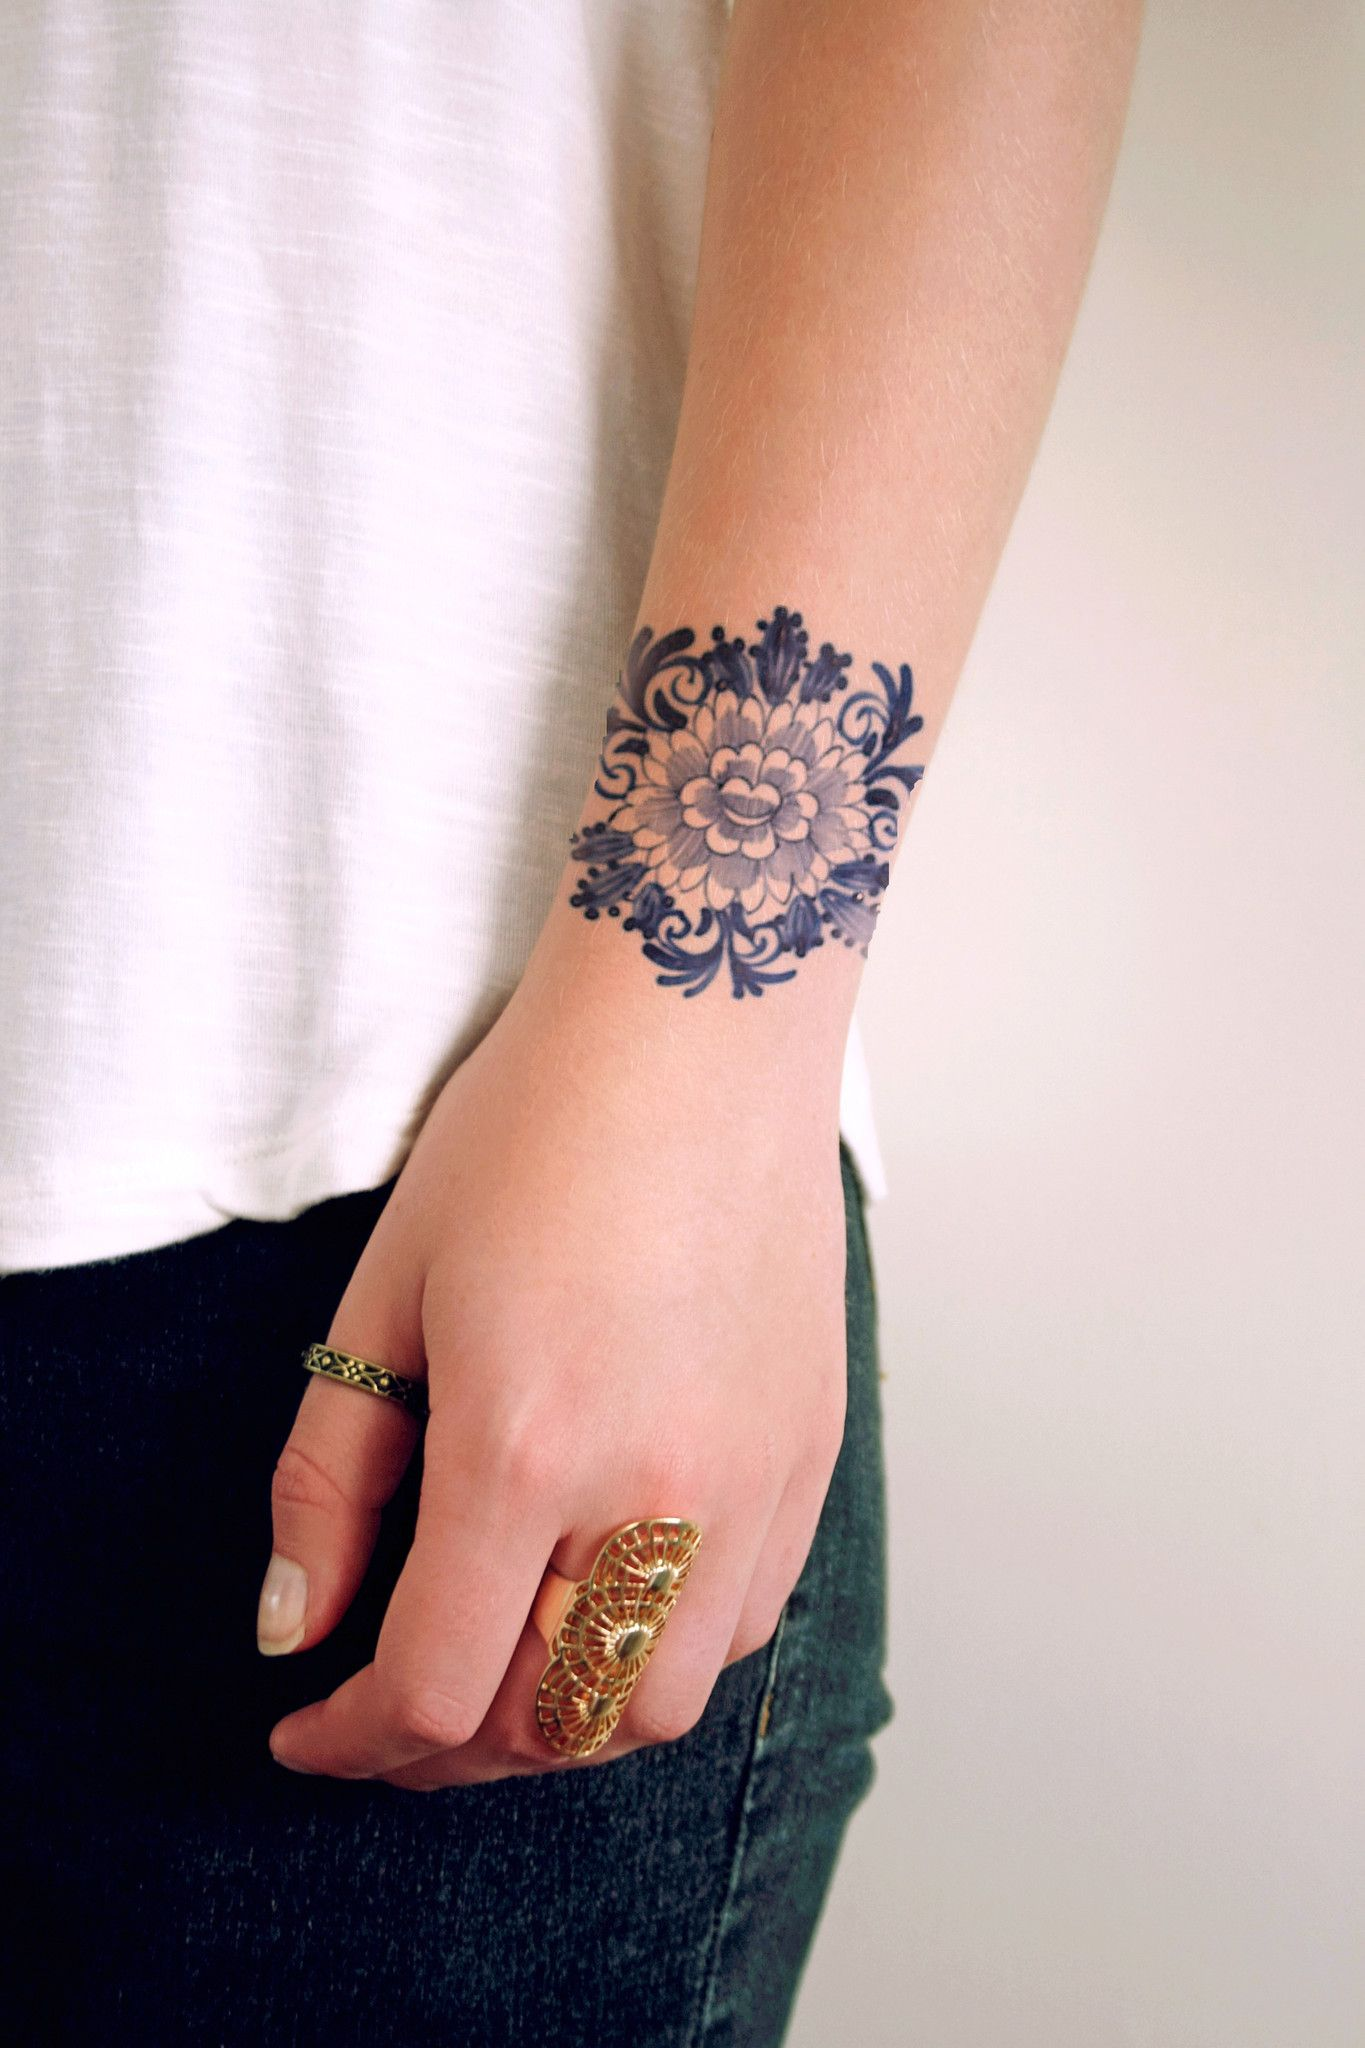 30 Hand Band Tattoo For Men Hand Round Tattoo Designs Forearm Band Tattoo 2020 Arm Band Tattoo Y In 2020 Round Tattoo Band Tattoos For Men Forearm Band Tattoos